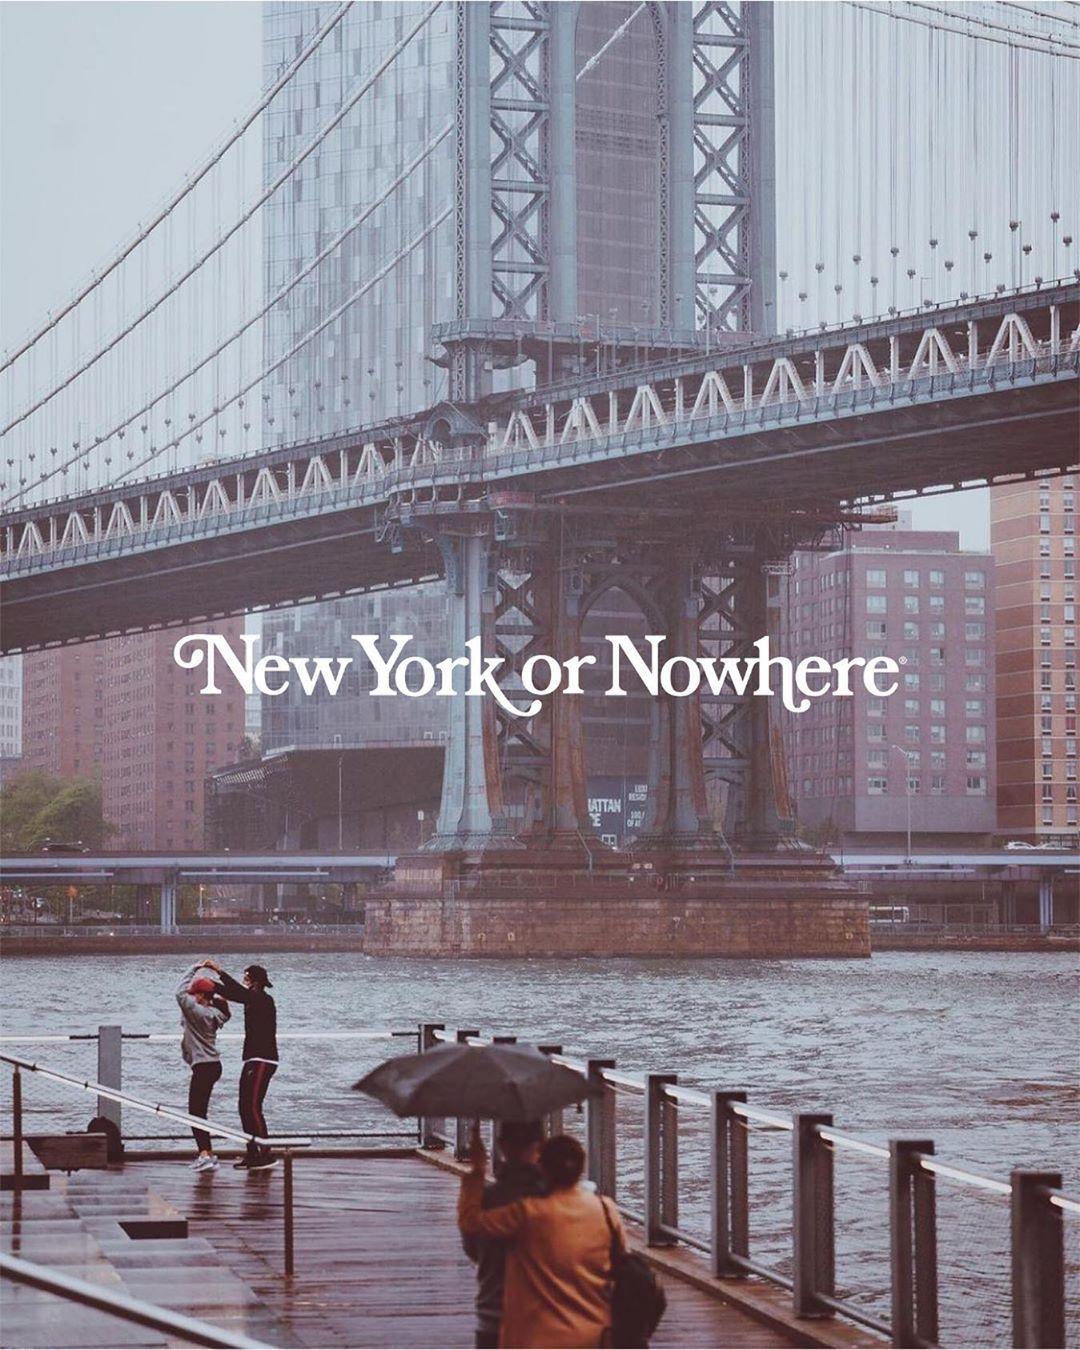 NY or Nowhere